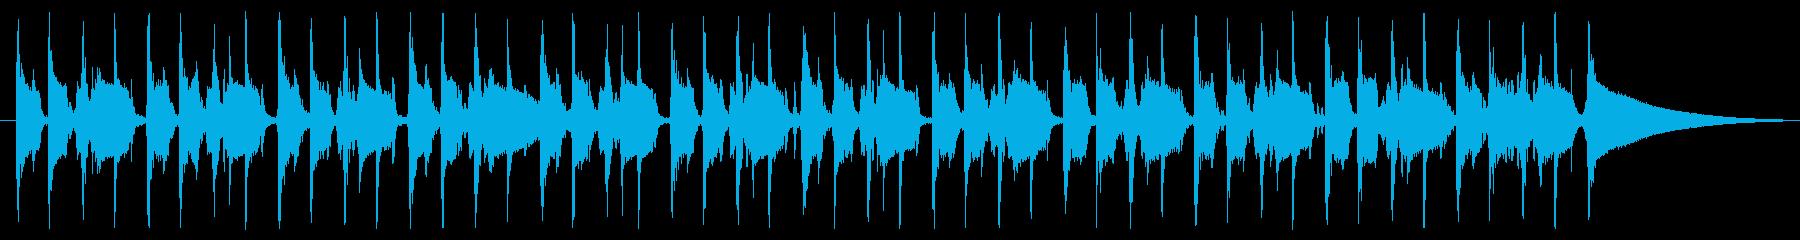 使いやすいファンク 30秒ギター無し版の再生済みの波形